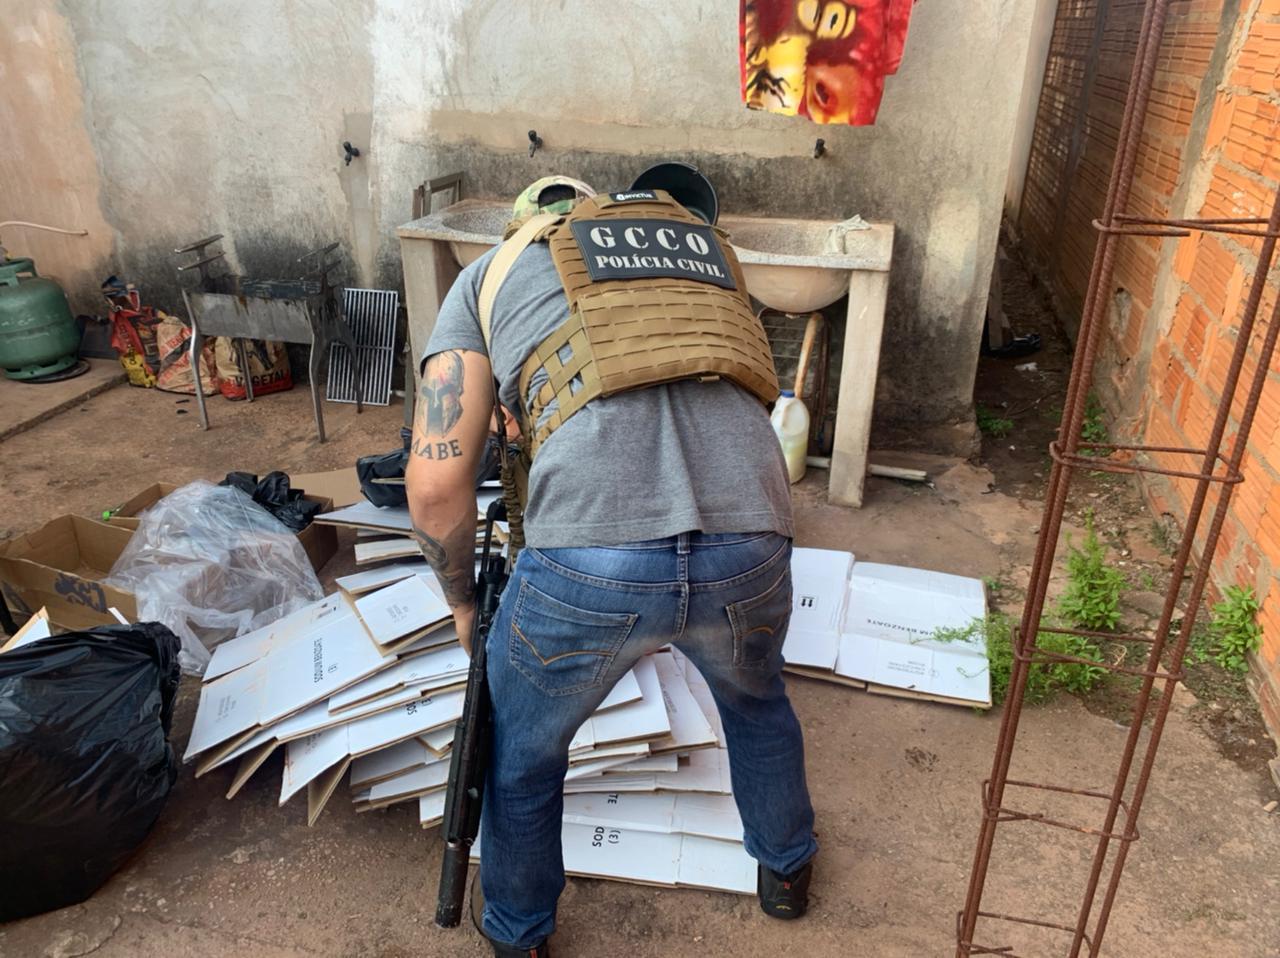 Polícia Civil e PRF identificam suspeito que armazenava defensivos de origem ilícita em residência em MT